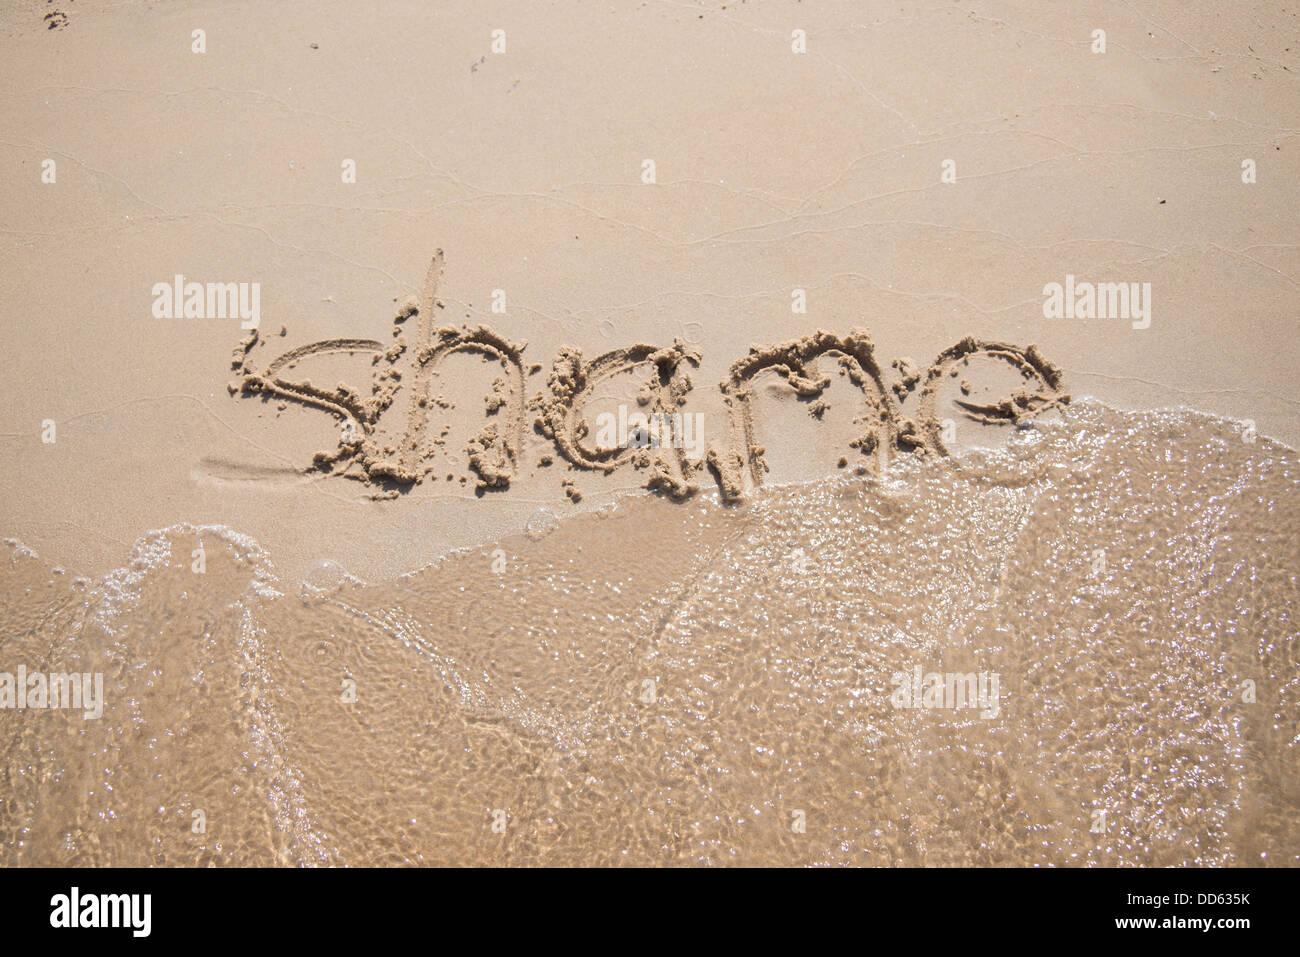 """Das Wort """"Schande"""", geschrieben in den Sand, die von einer Welle weggespült. Stockbild"""